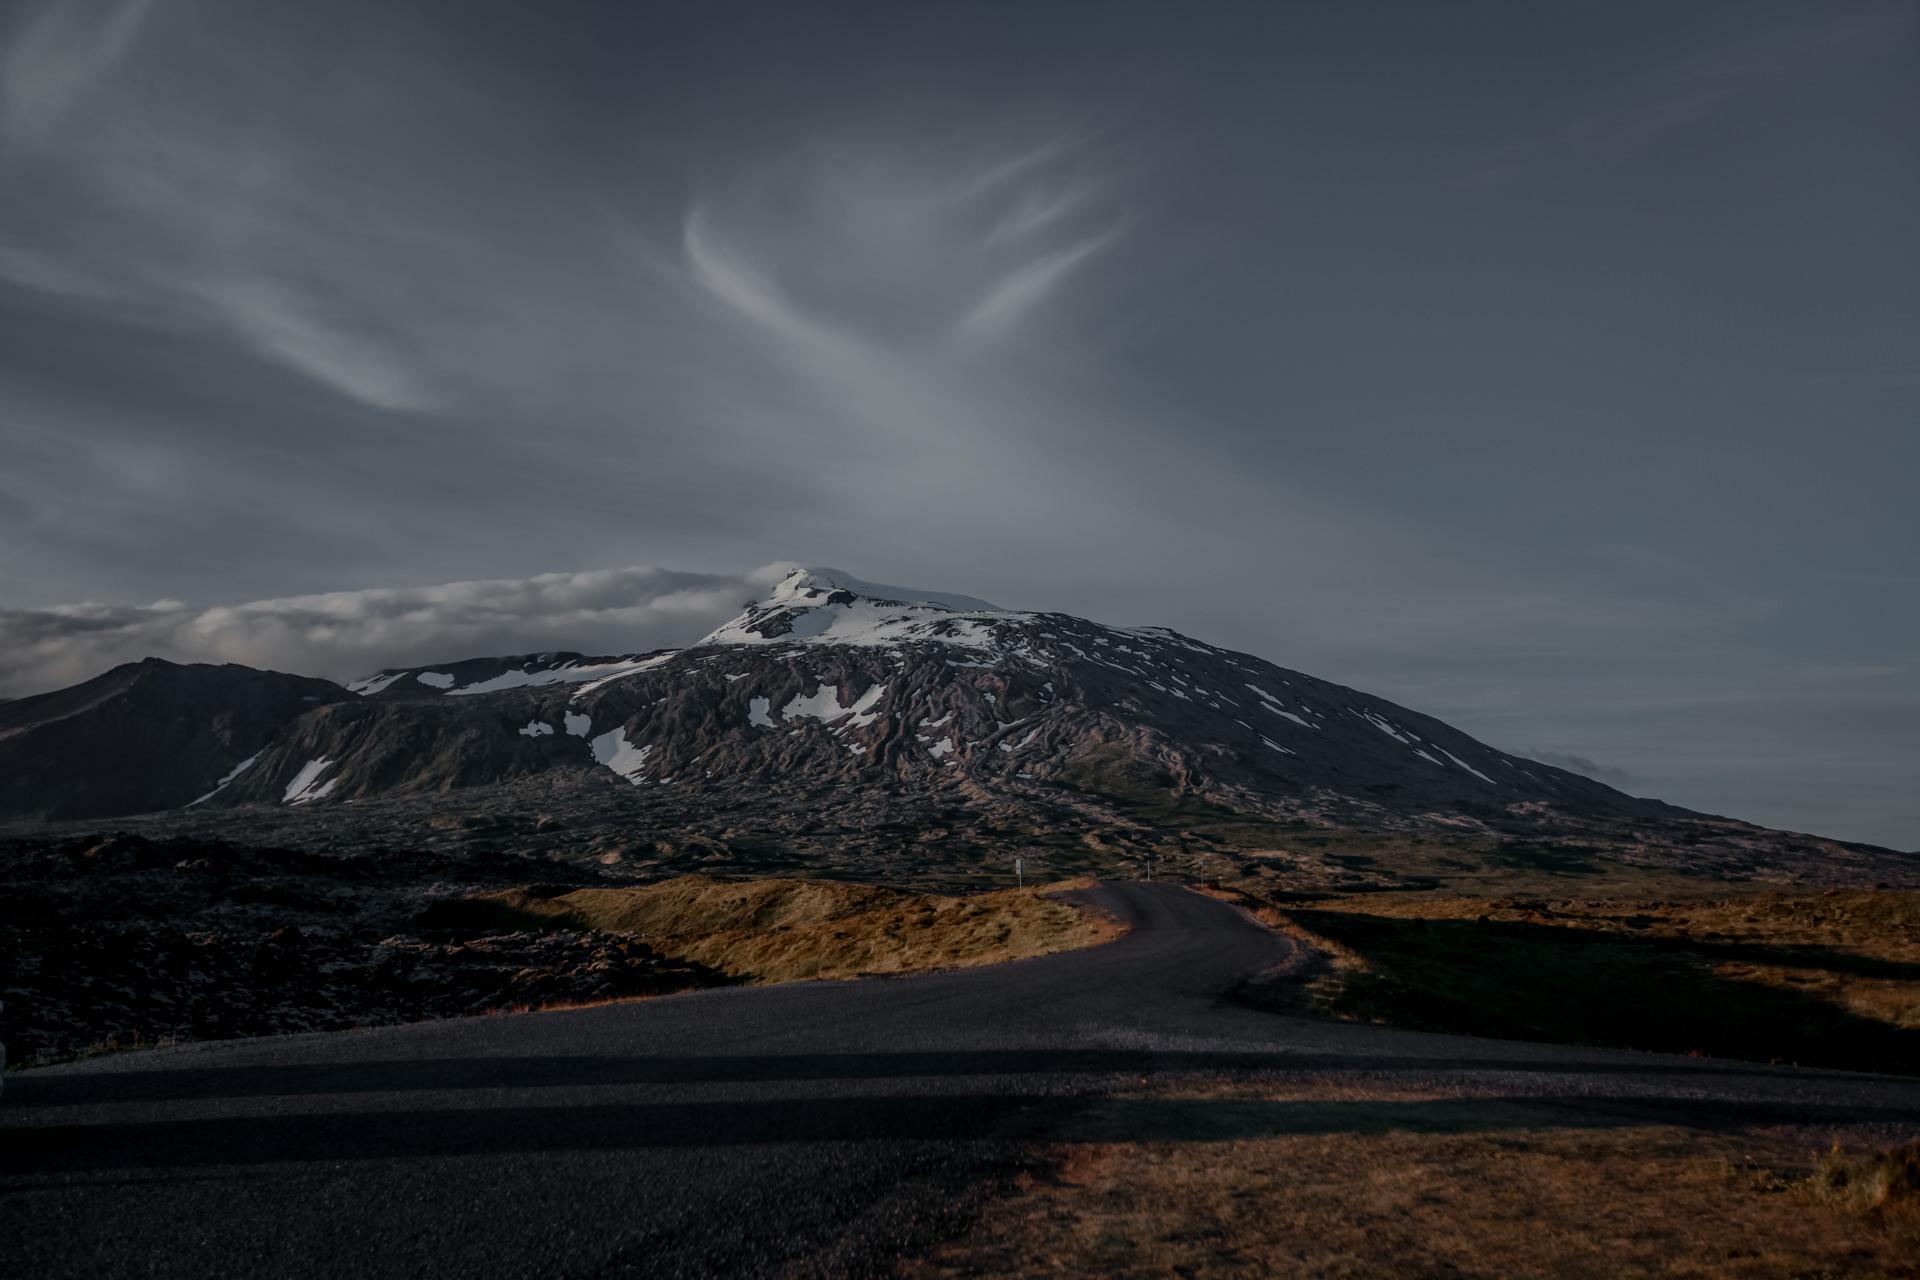 Islandia - wulkan na Islandii